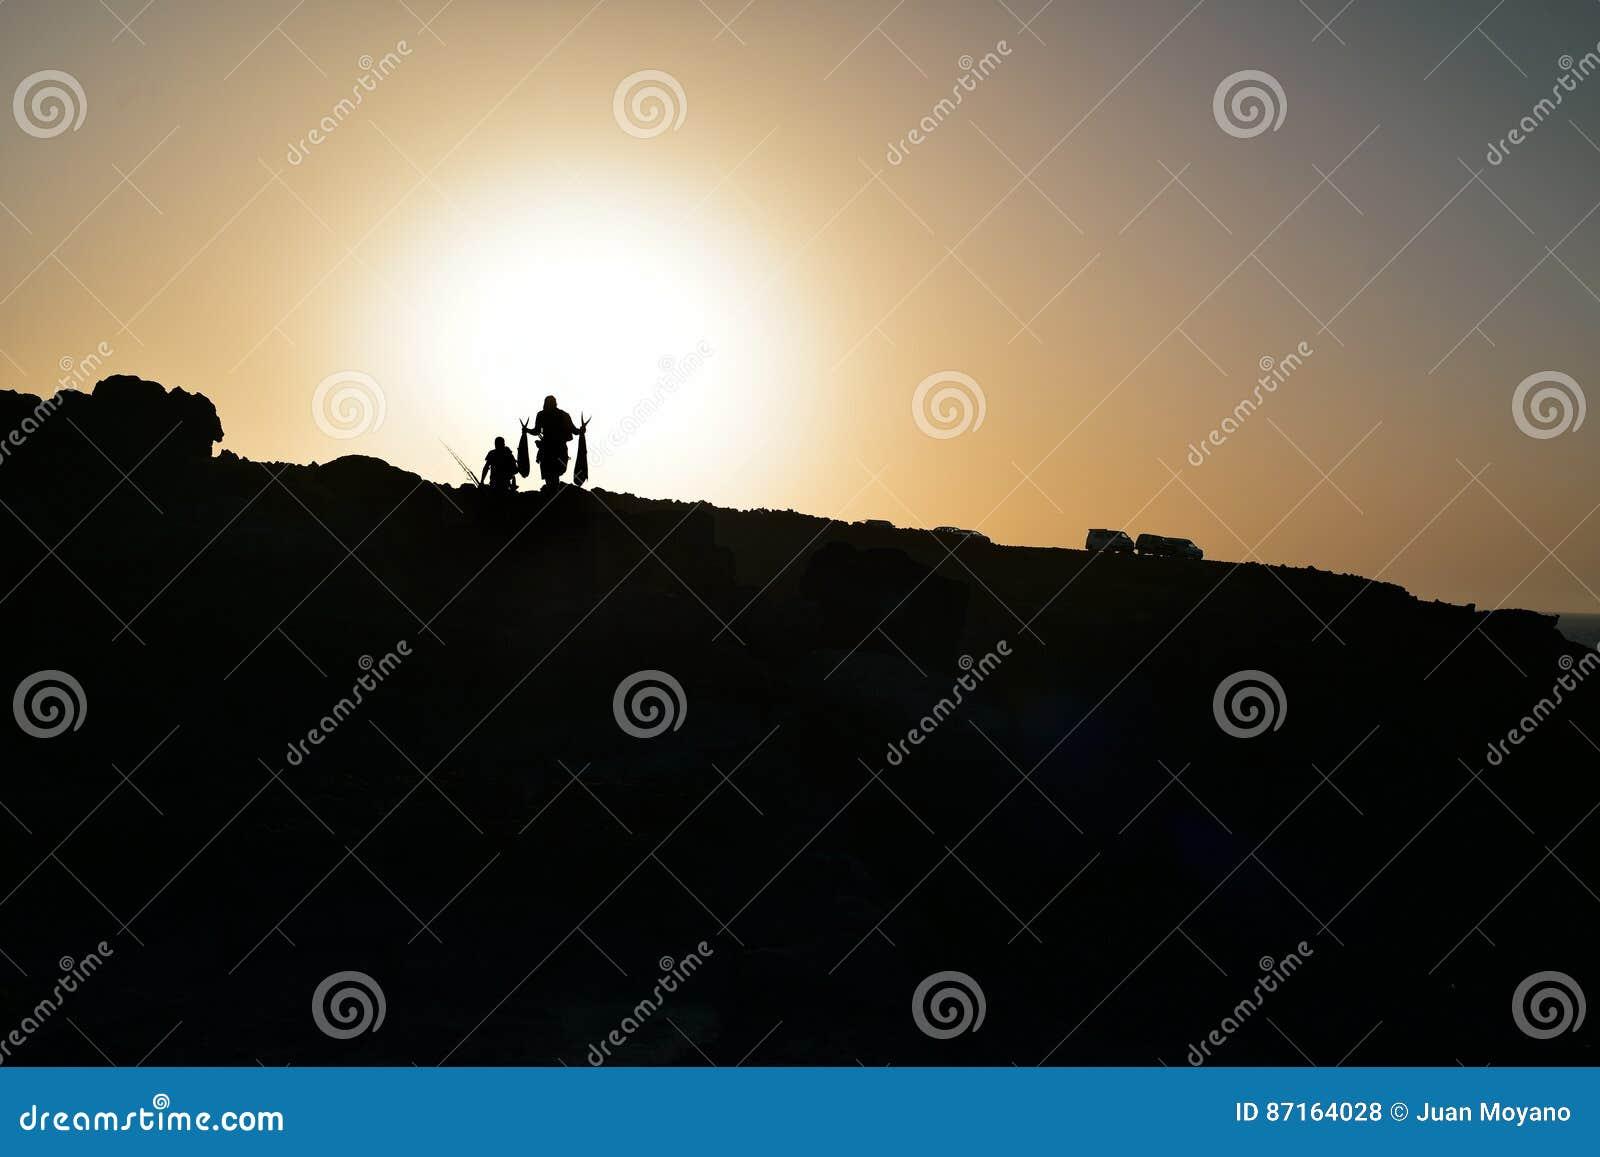 Silhueta dos pescadores em um penhasco no crepúsculo